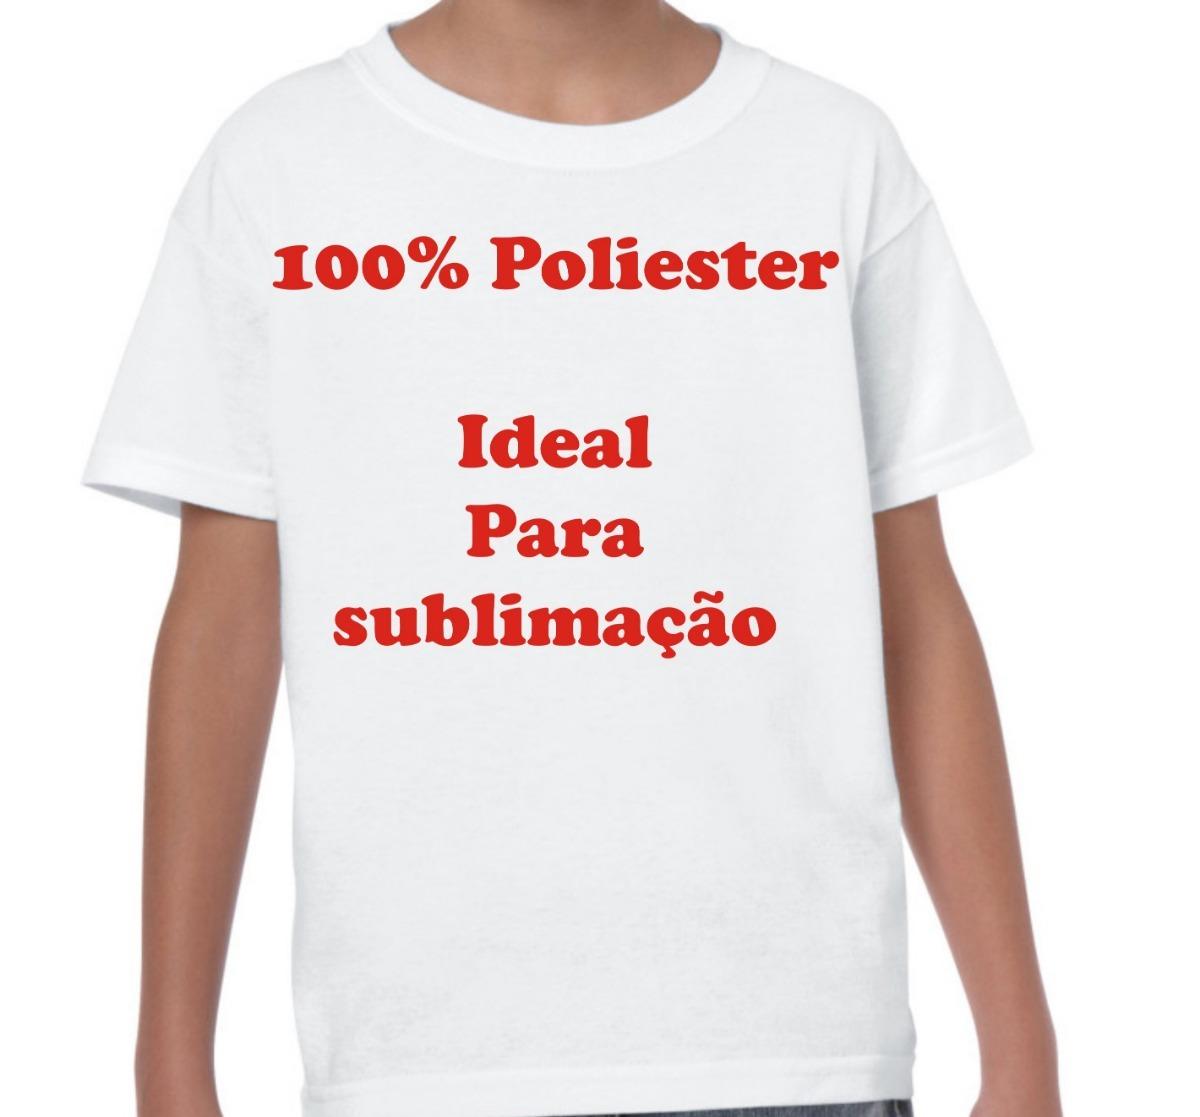 4d39324515ed2 10 Camiseta Juvenil 100% Poliéster Golav Sublimação Atacado - R  69 ...